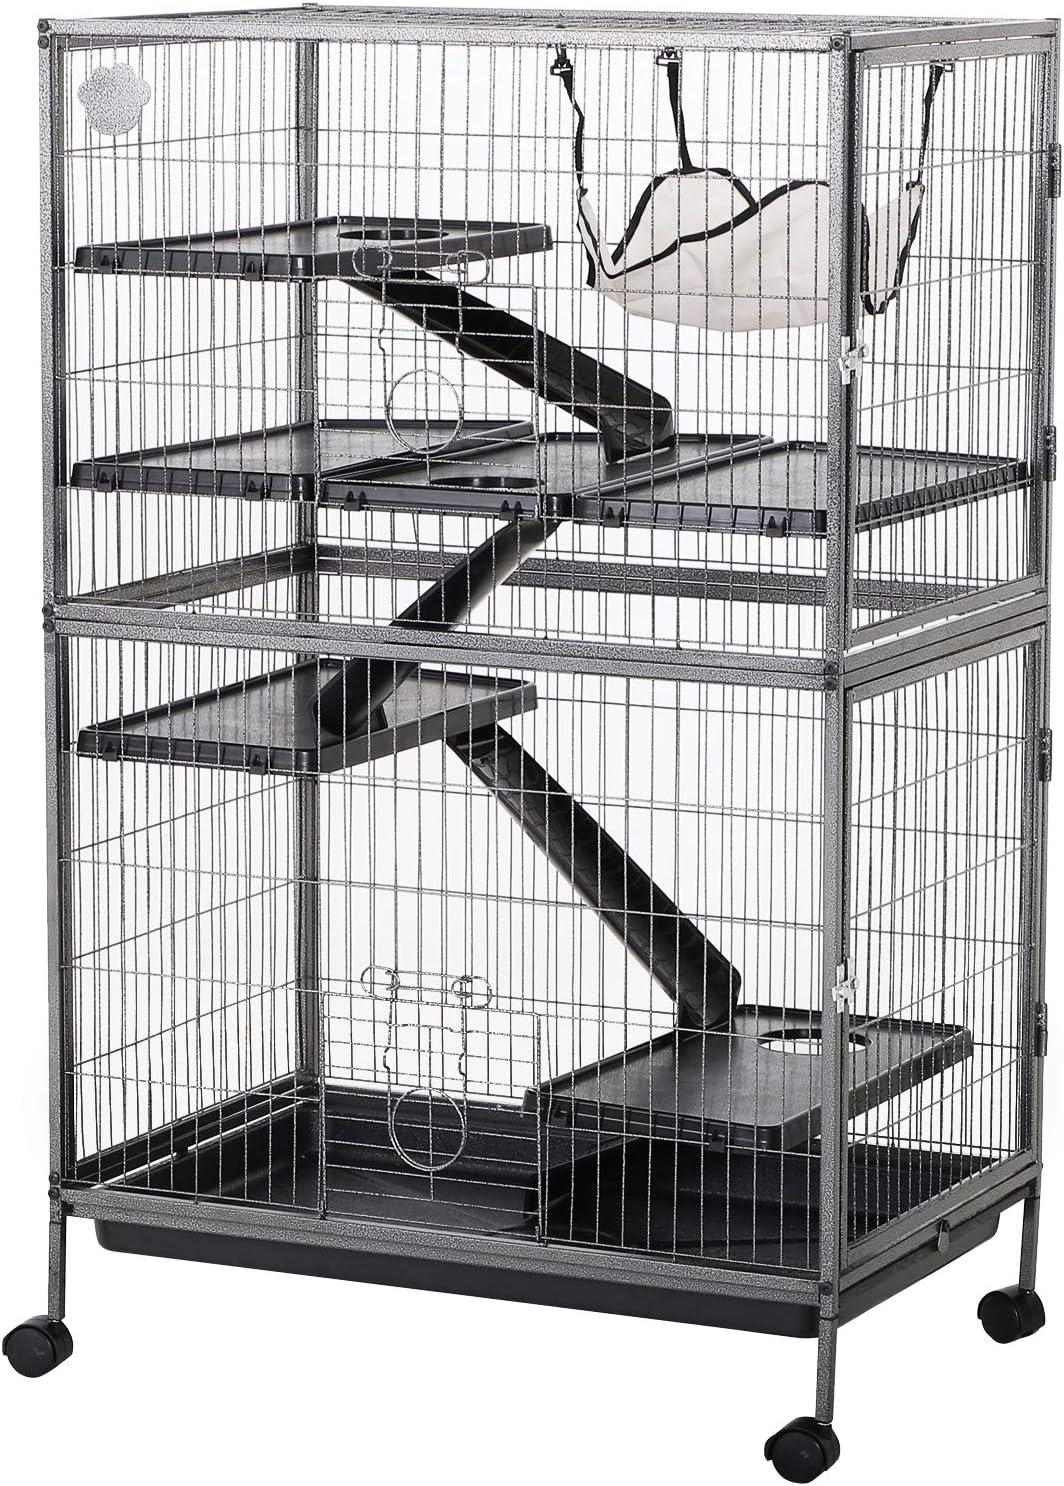 Pawhut Cage pour Hamsters Souris Petits rongeurs Multifonction 4 Plateformes 3 rampes 4 Portes dim. 80L x 52l x 128H cm métal Gris argenté Noir